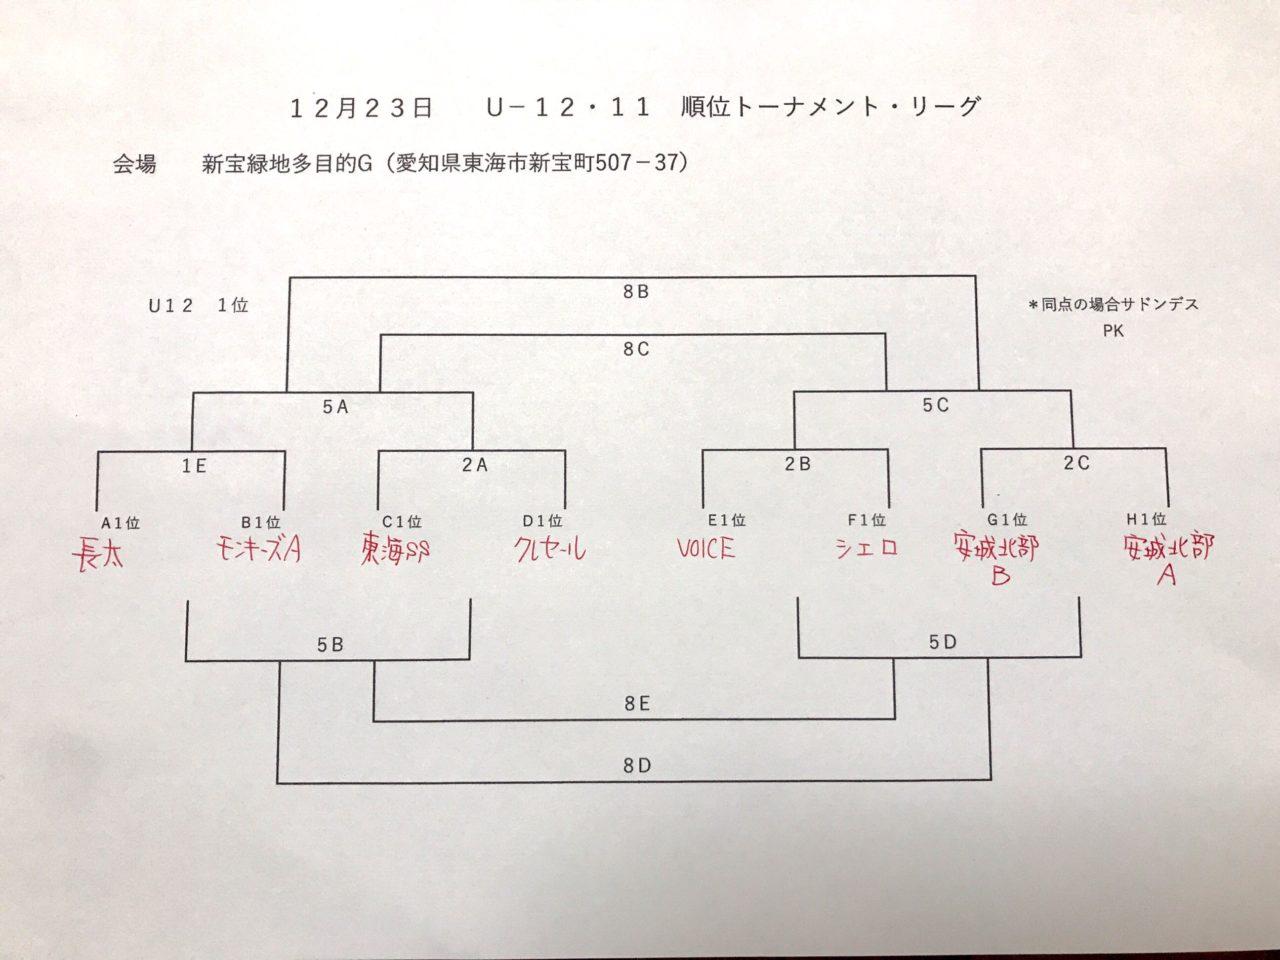 72CF105A-FEC5-4C55-8AE5-0291D1C91467-1280x960.jpeg